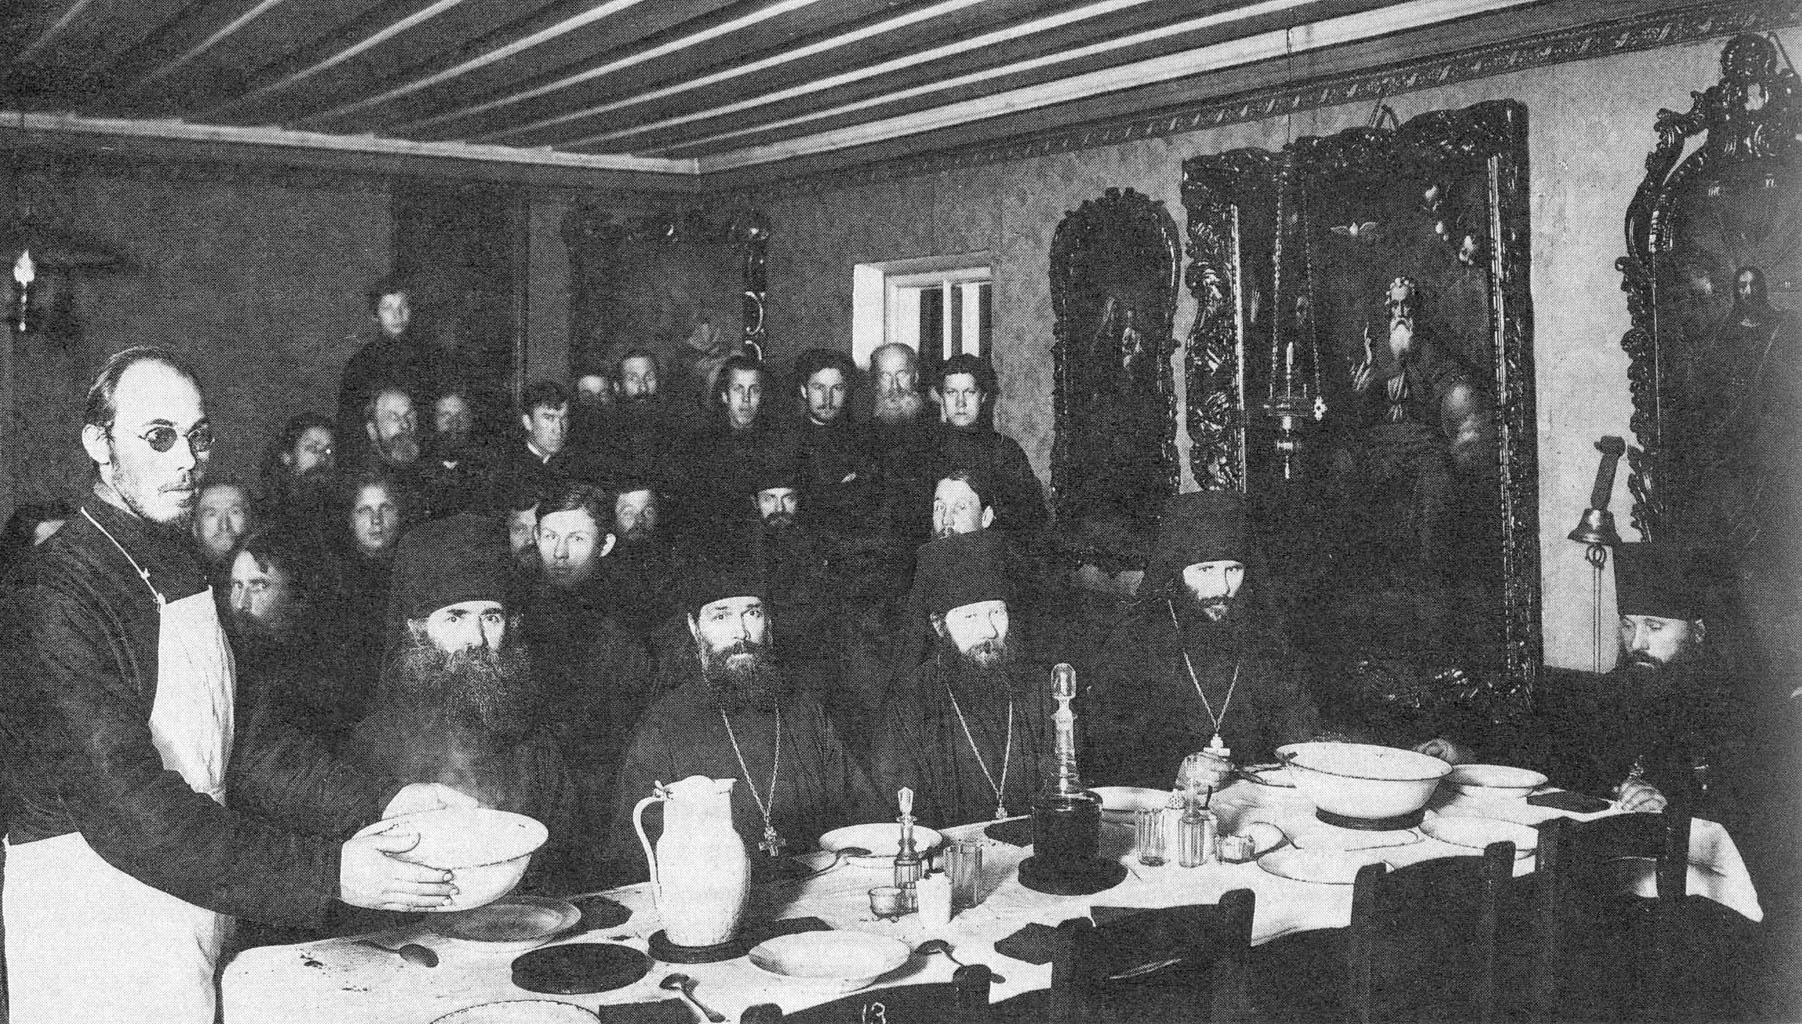 Дом игумена. Монахи за трапезой